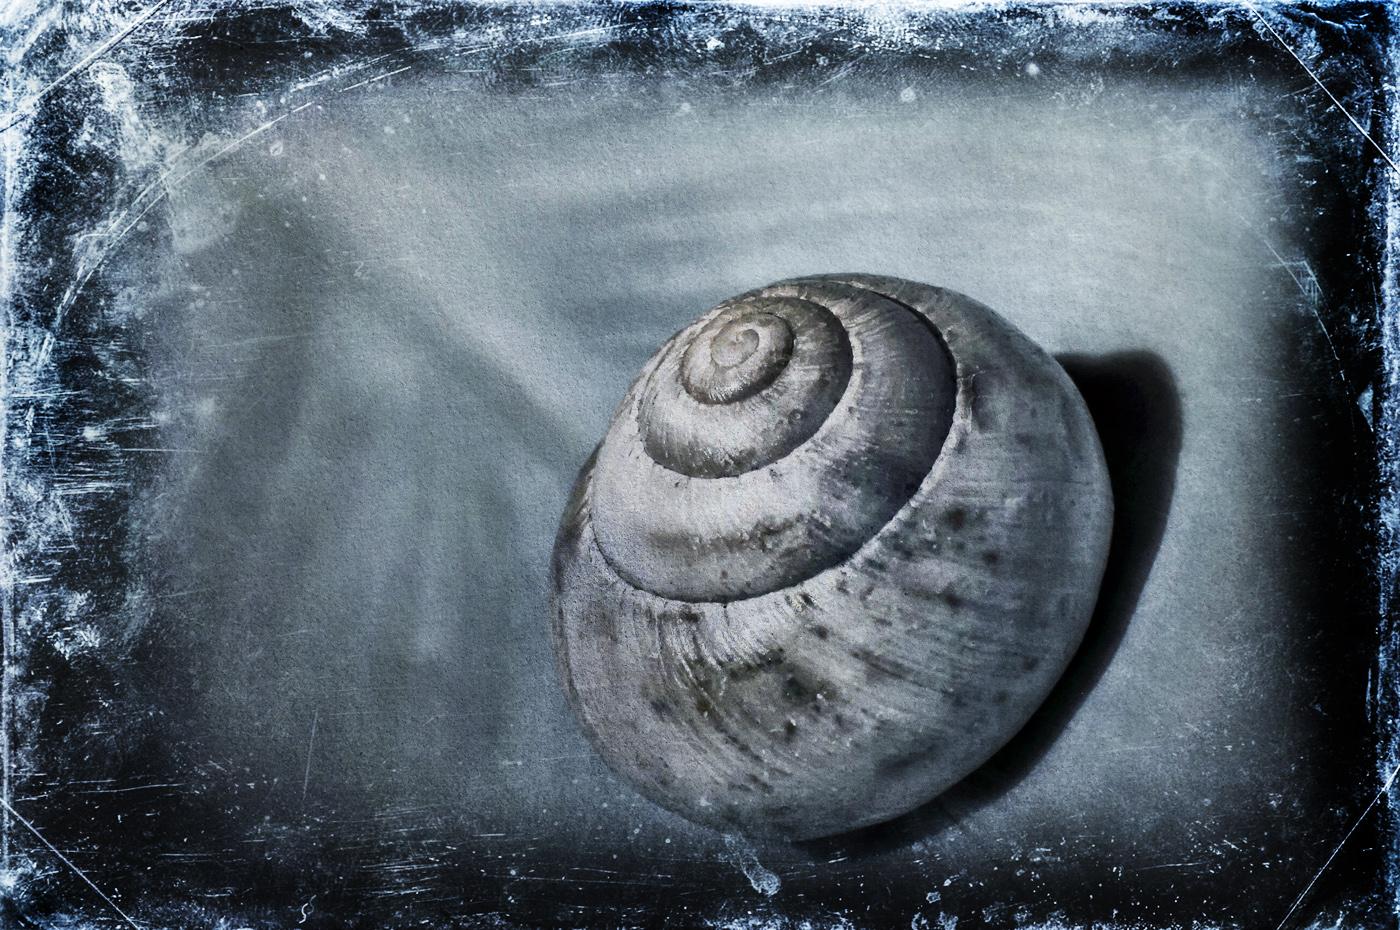 snail 72 by vw1956